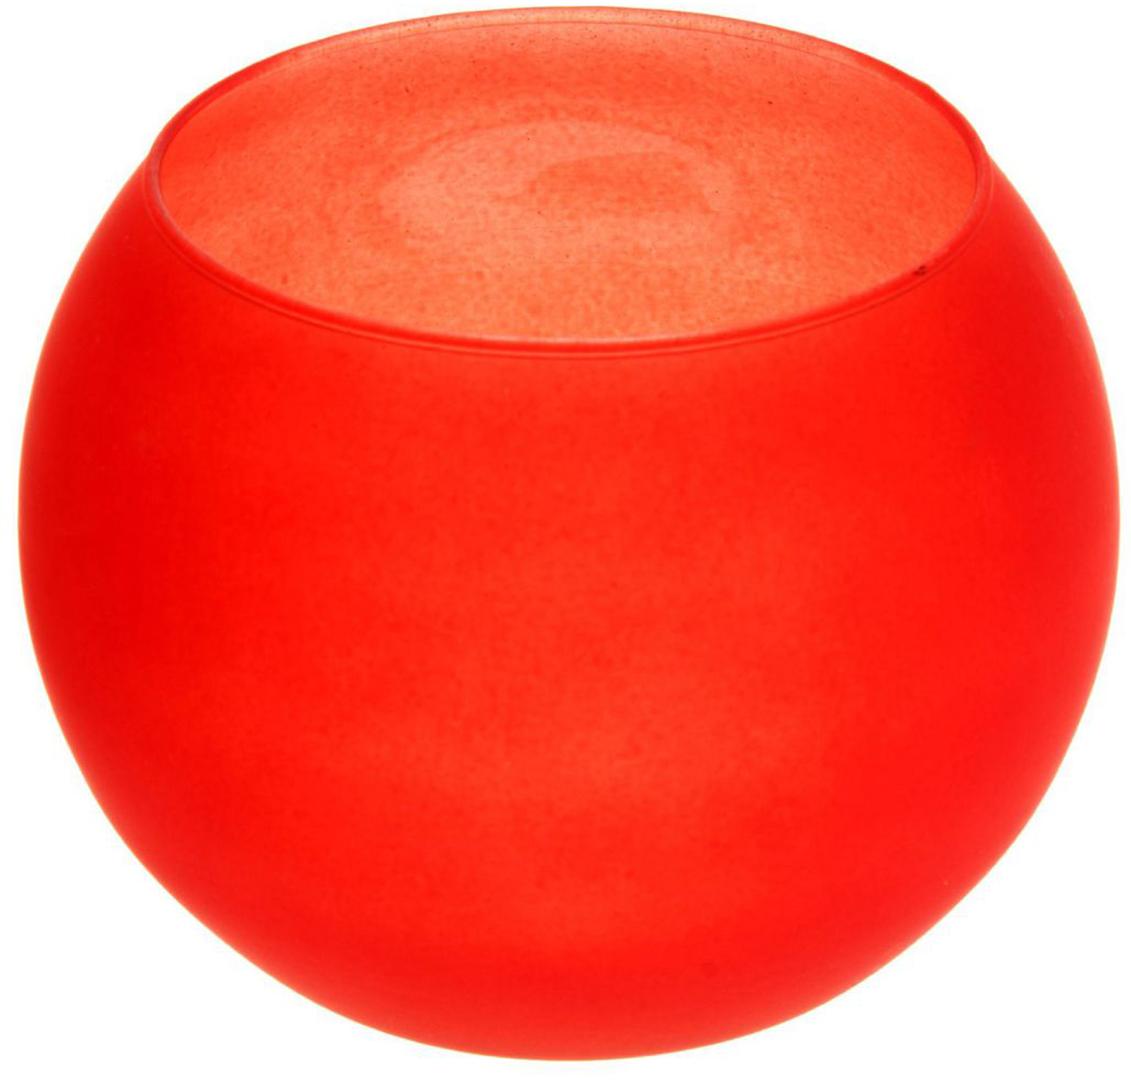 Ваза-шар Evis Пять вечеров, цвет: красный, 1 л. 11698711169871Ваза - не просто сосуд для букета, а украшение убранства. Поставьте в неё цветы или декоративные веточки, и эффектный интерьерный акцент готов! Стеклянный аксессуар добавит помещению лёгкости. Ваза-шар Пять вечеров алая, матовая, 1 л преобразит пространство и как самостоятельный элемент декора. Наполните интерьер уютом! Каждая ваза выдувается мастером. Второй точно такой же не встретить. А случайный пузырёк воздуха или застывшая стеклянная капелька на горлышке лишь подчёркивают её уникальность.